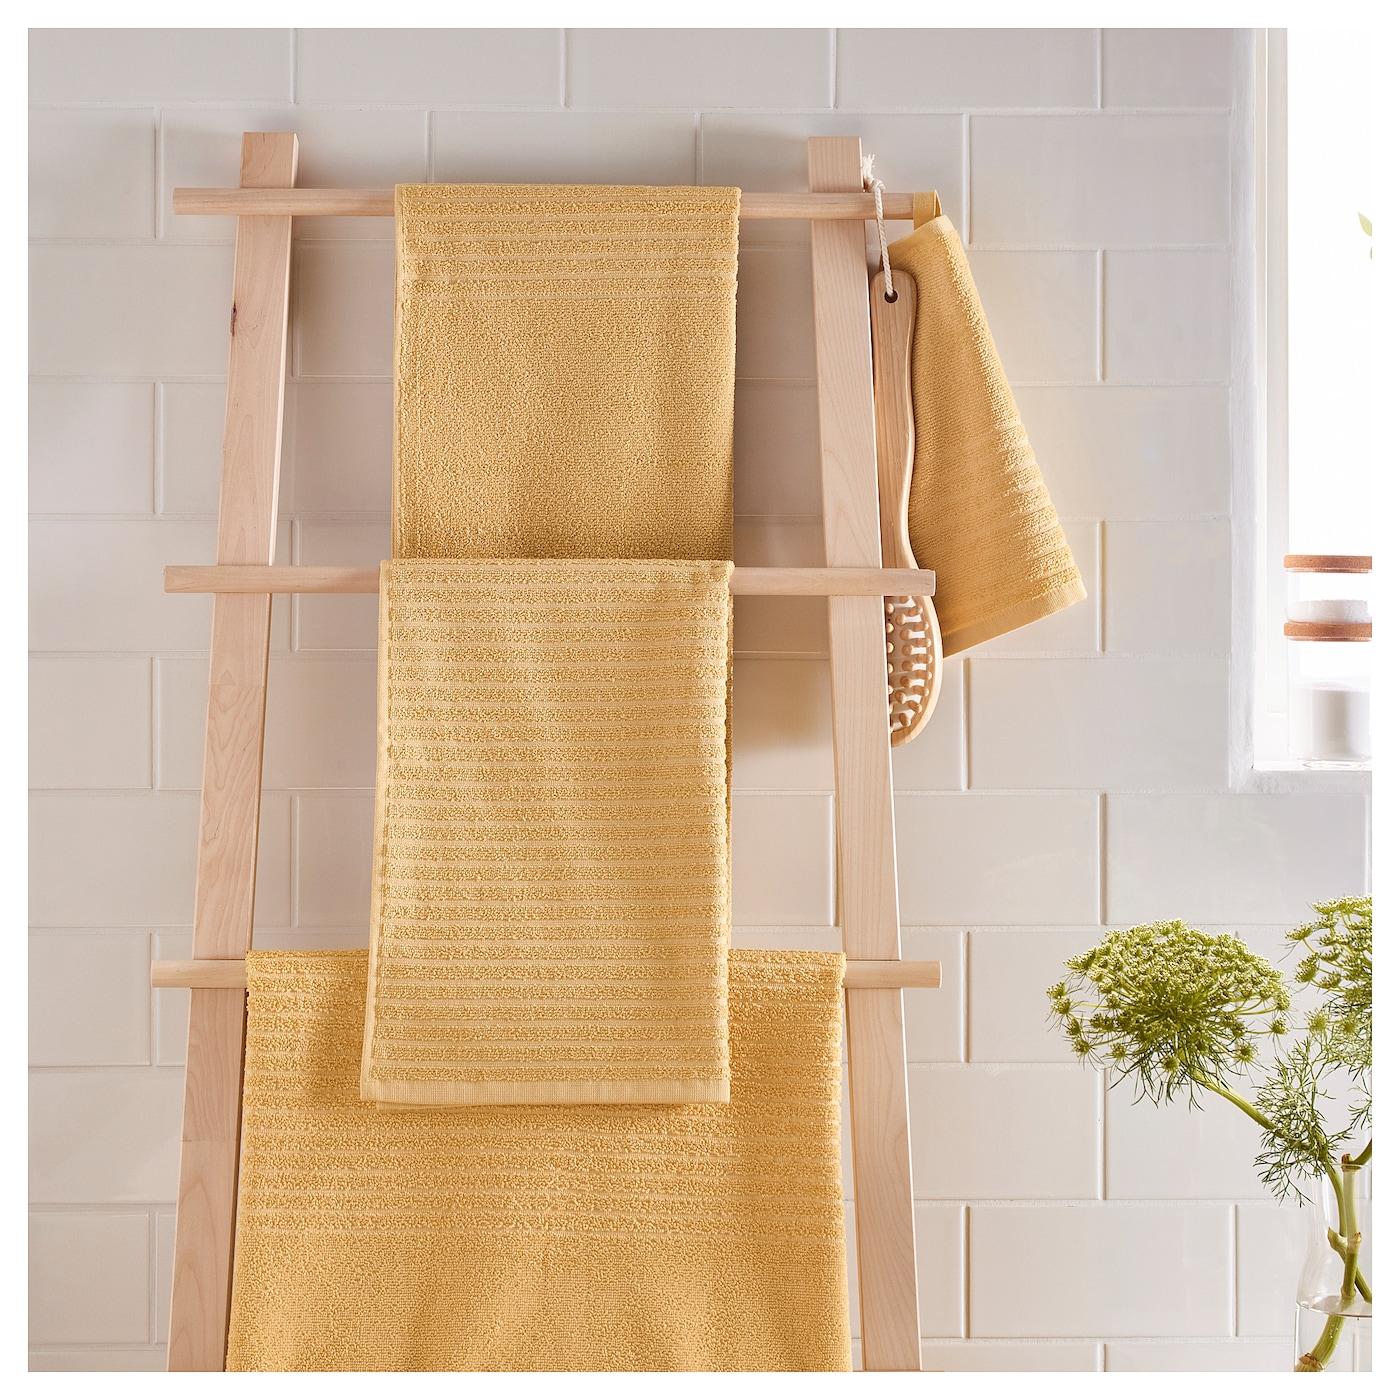 V gsj n toalla de ba o amarillo claro 70 x 140 cm ikea - Toallas de bano ikea ...